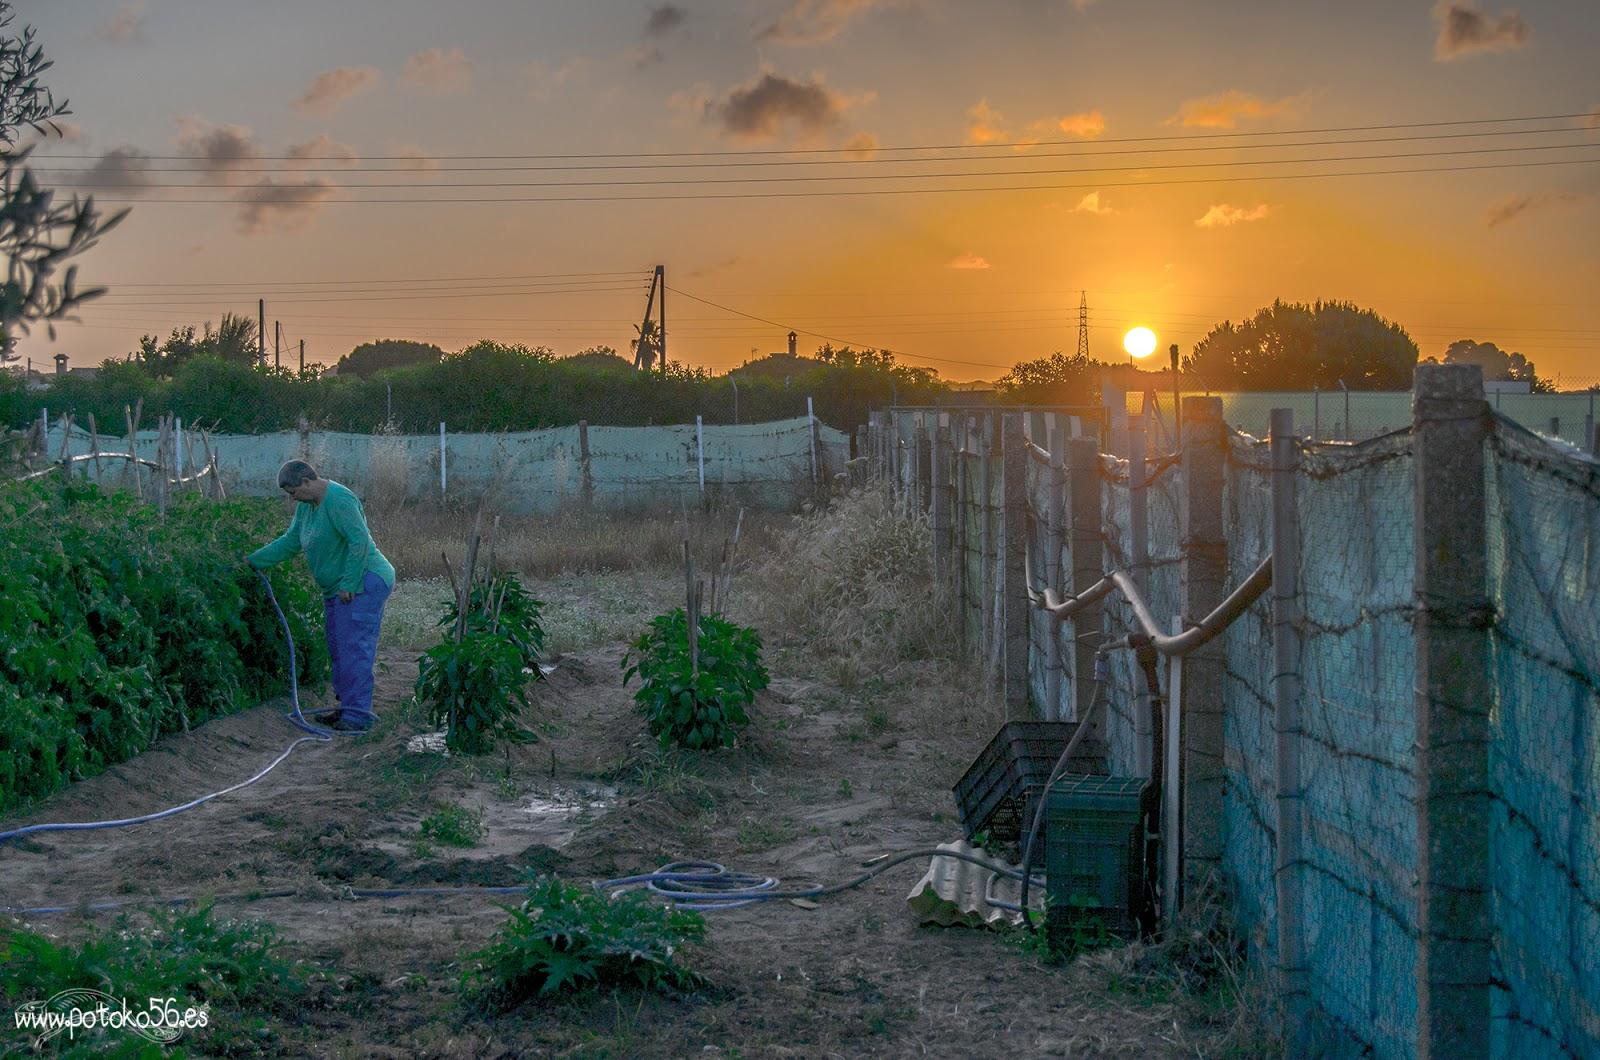 regando los tomatitos en el campo Rota